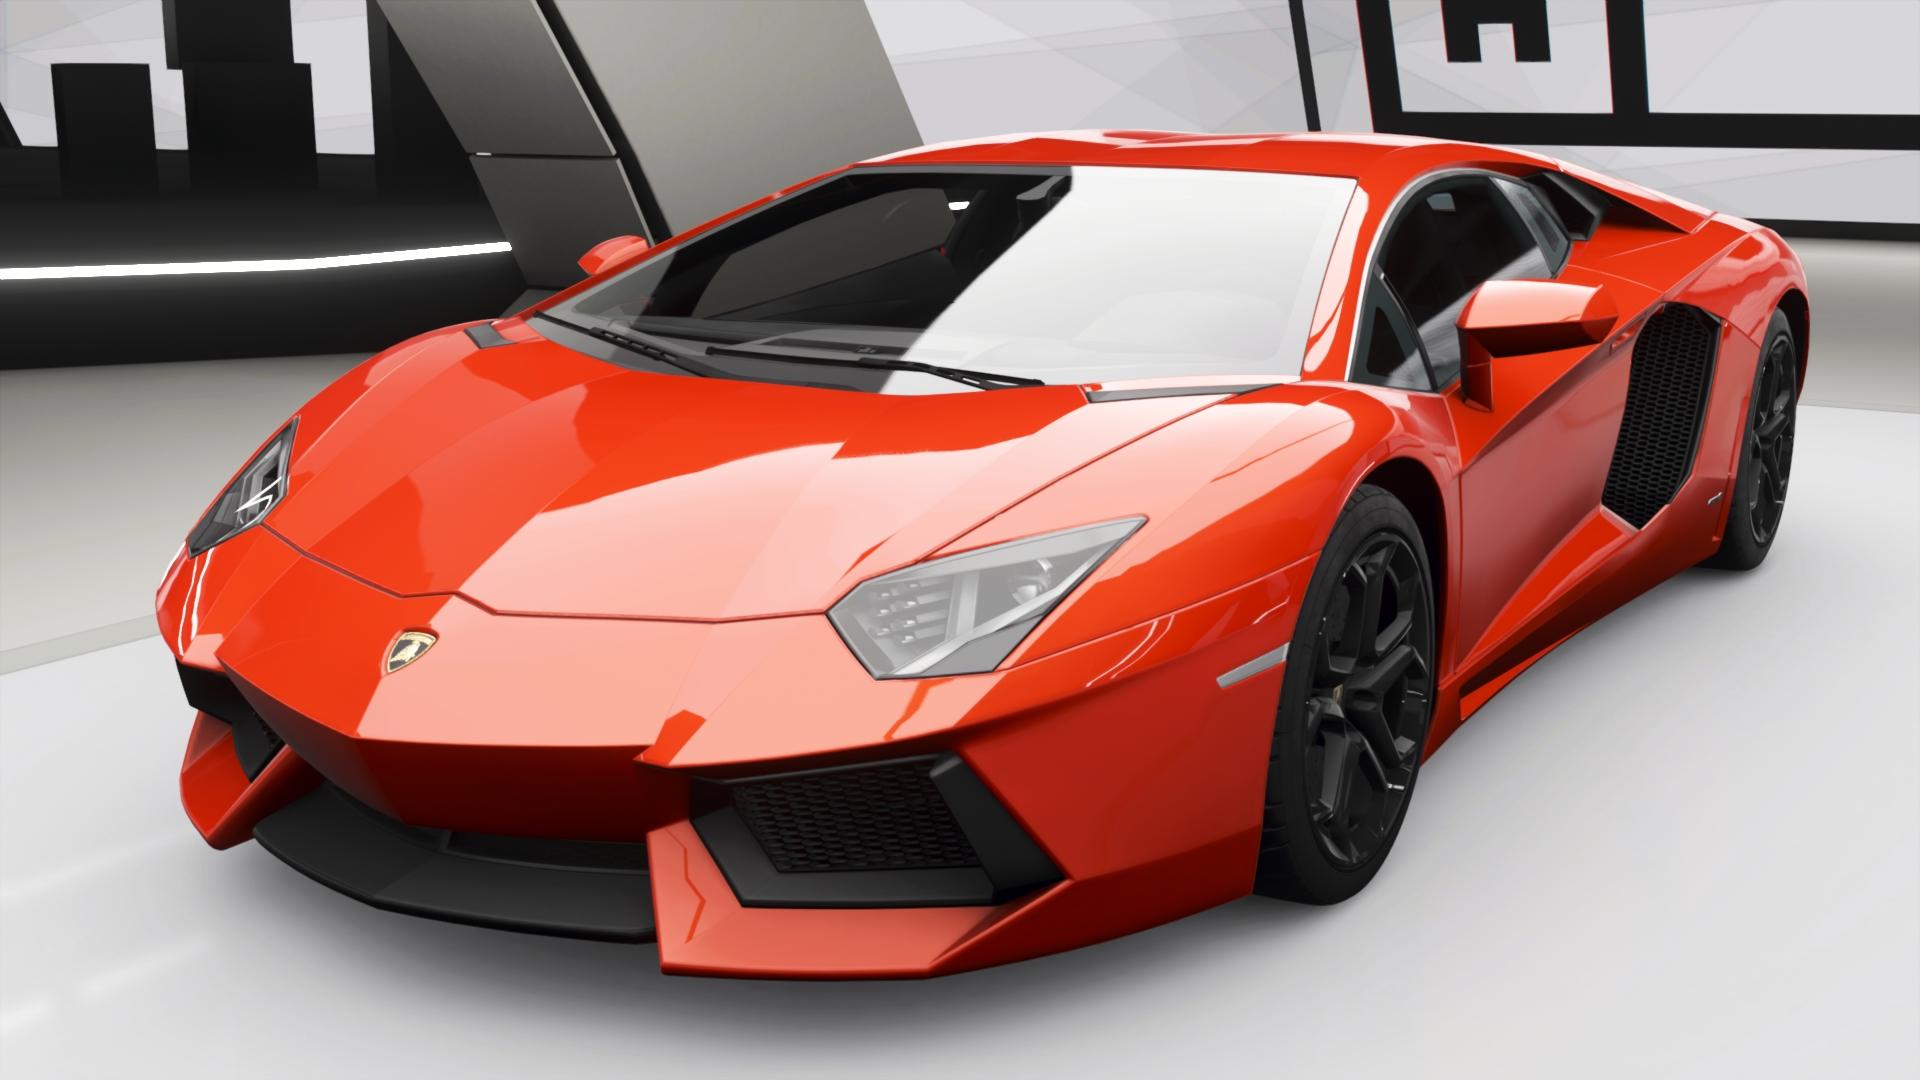 Lamborghini Aventador Lp700 4 Forza Motorsport Wiki Fandom